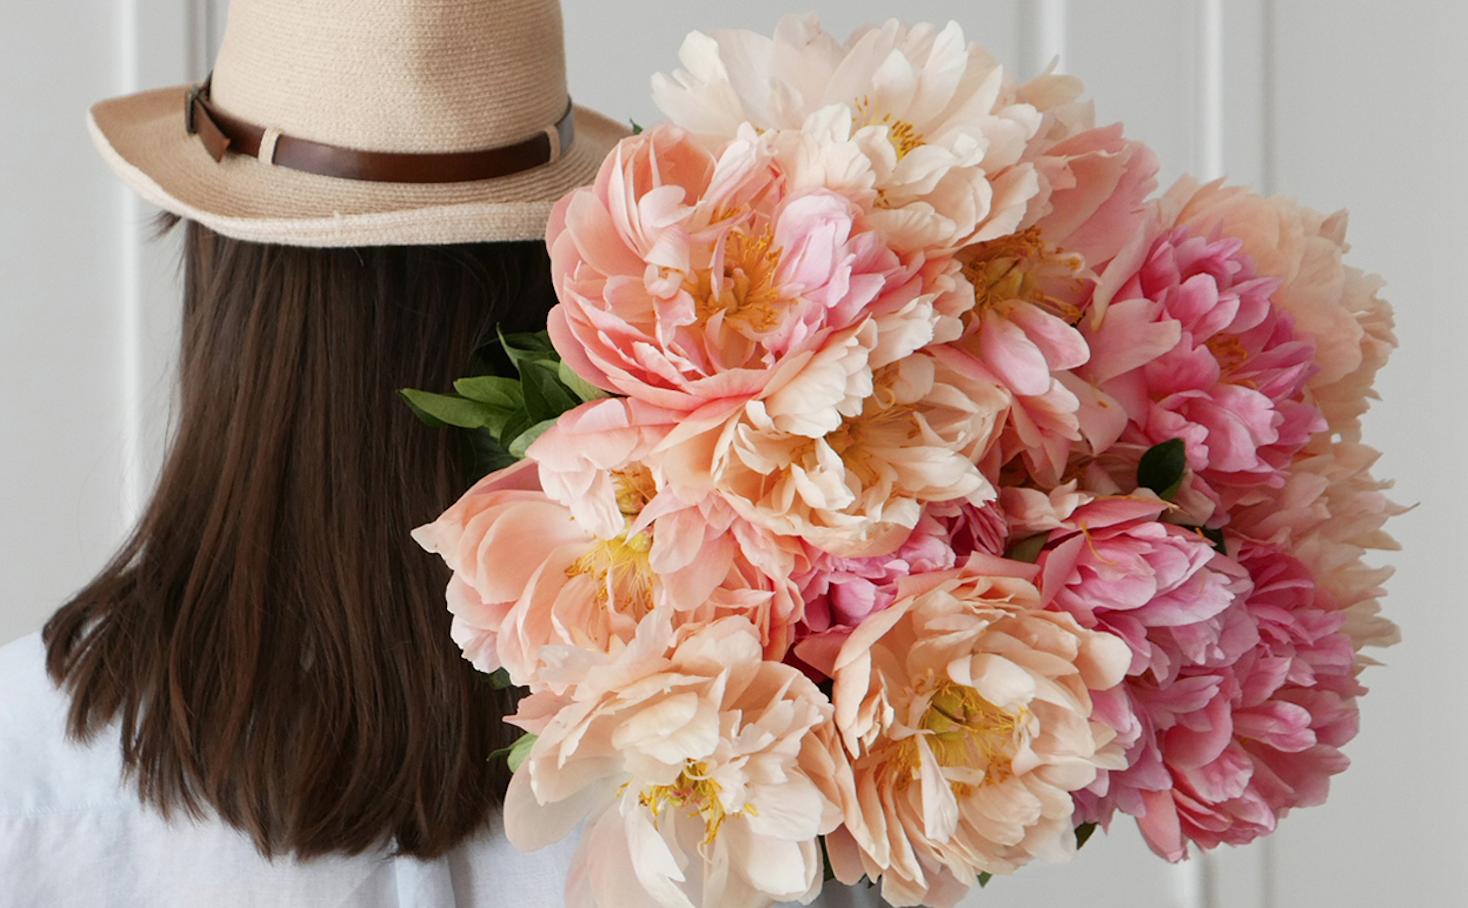 Livraison fleurs express à Paris et en France - Monceau Fleurs